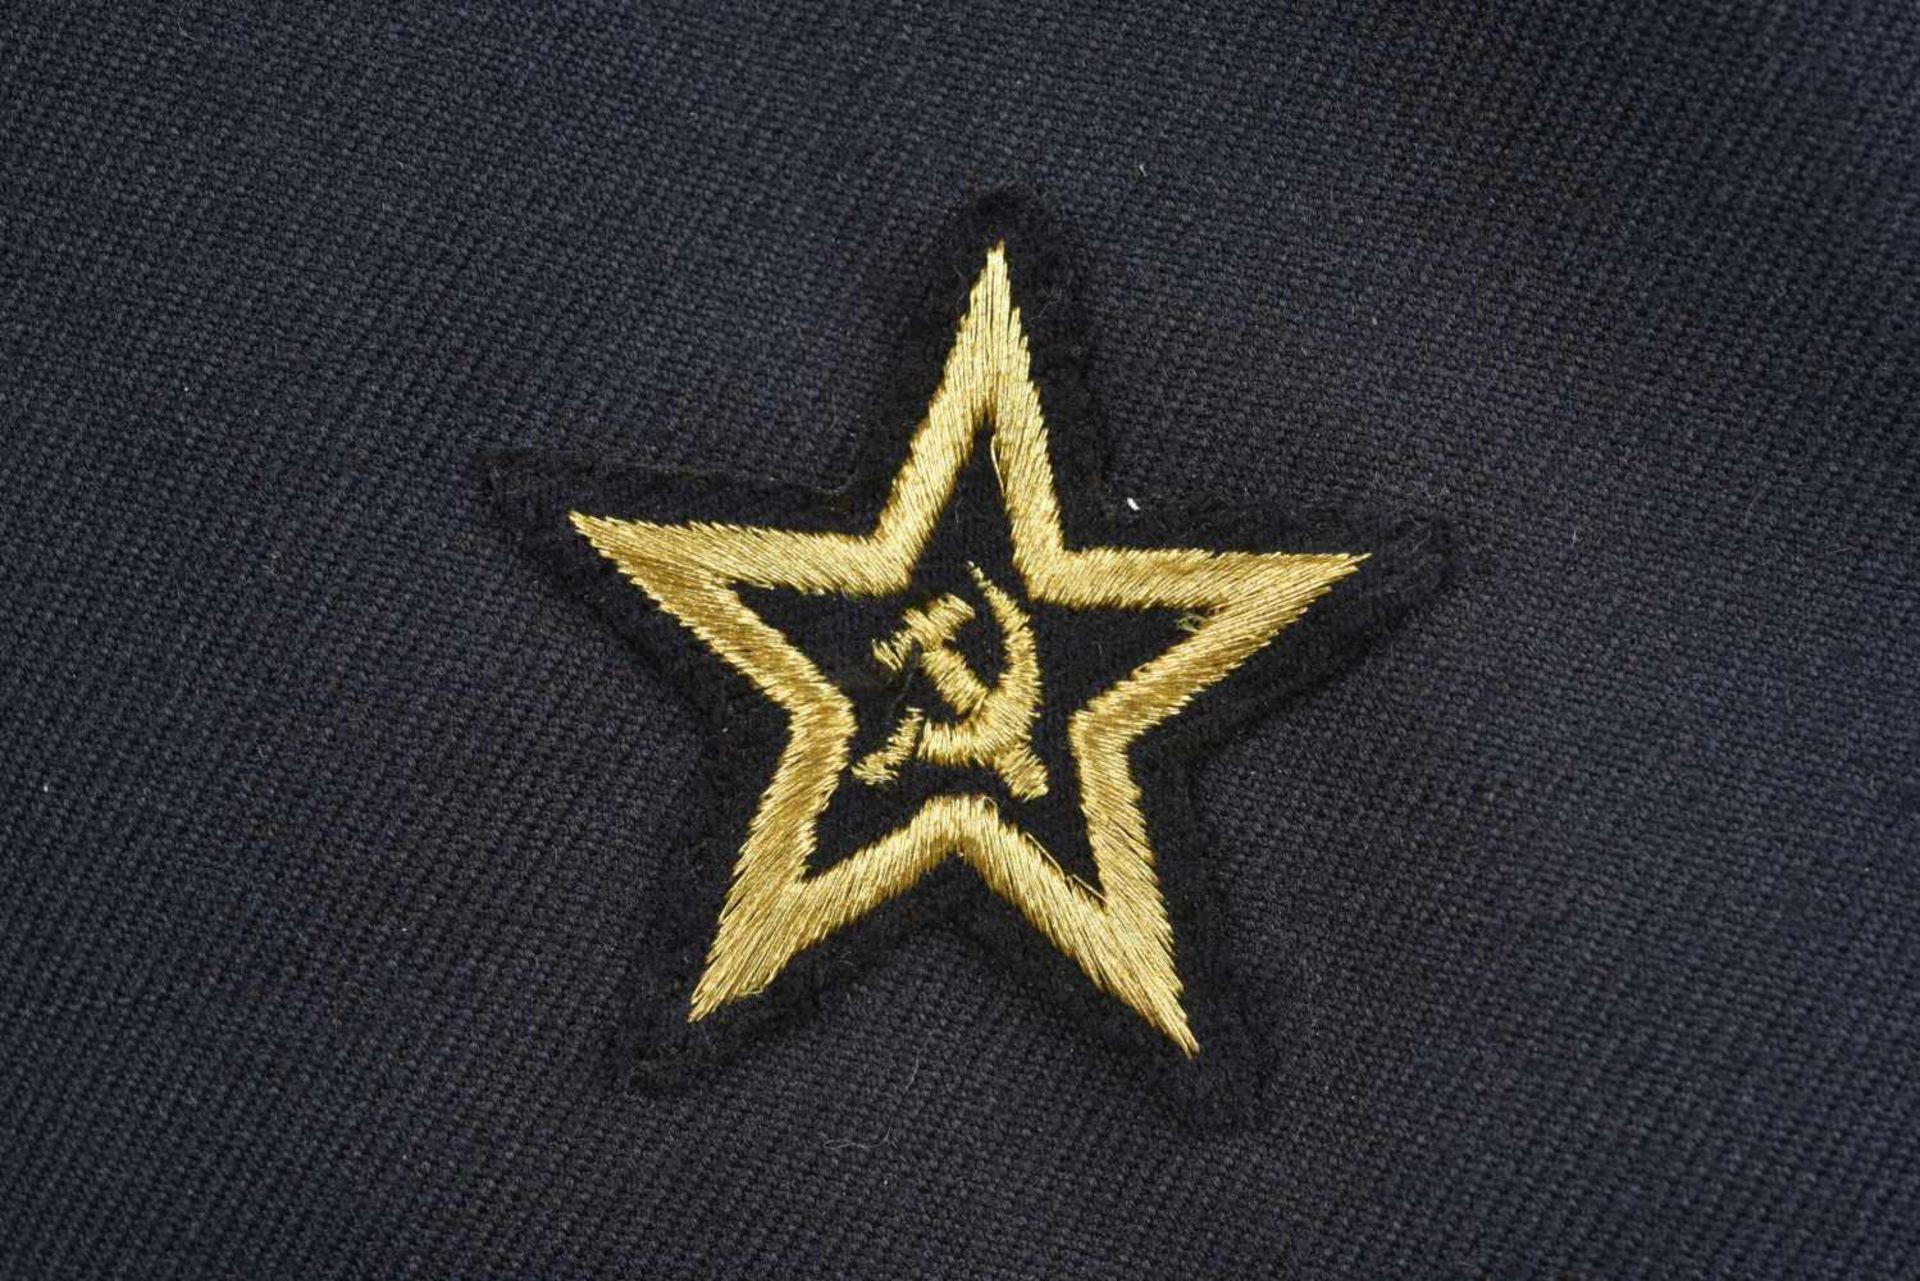 Vareuse de bord de vice-amiral soviétique, année 1990 En tissu bleu, tous les boutons sont présents, - Bild 4 aus 4